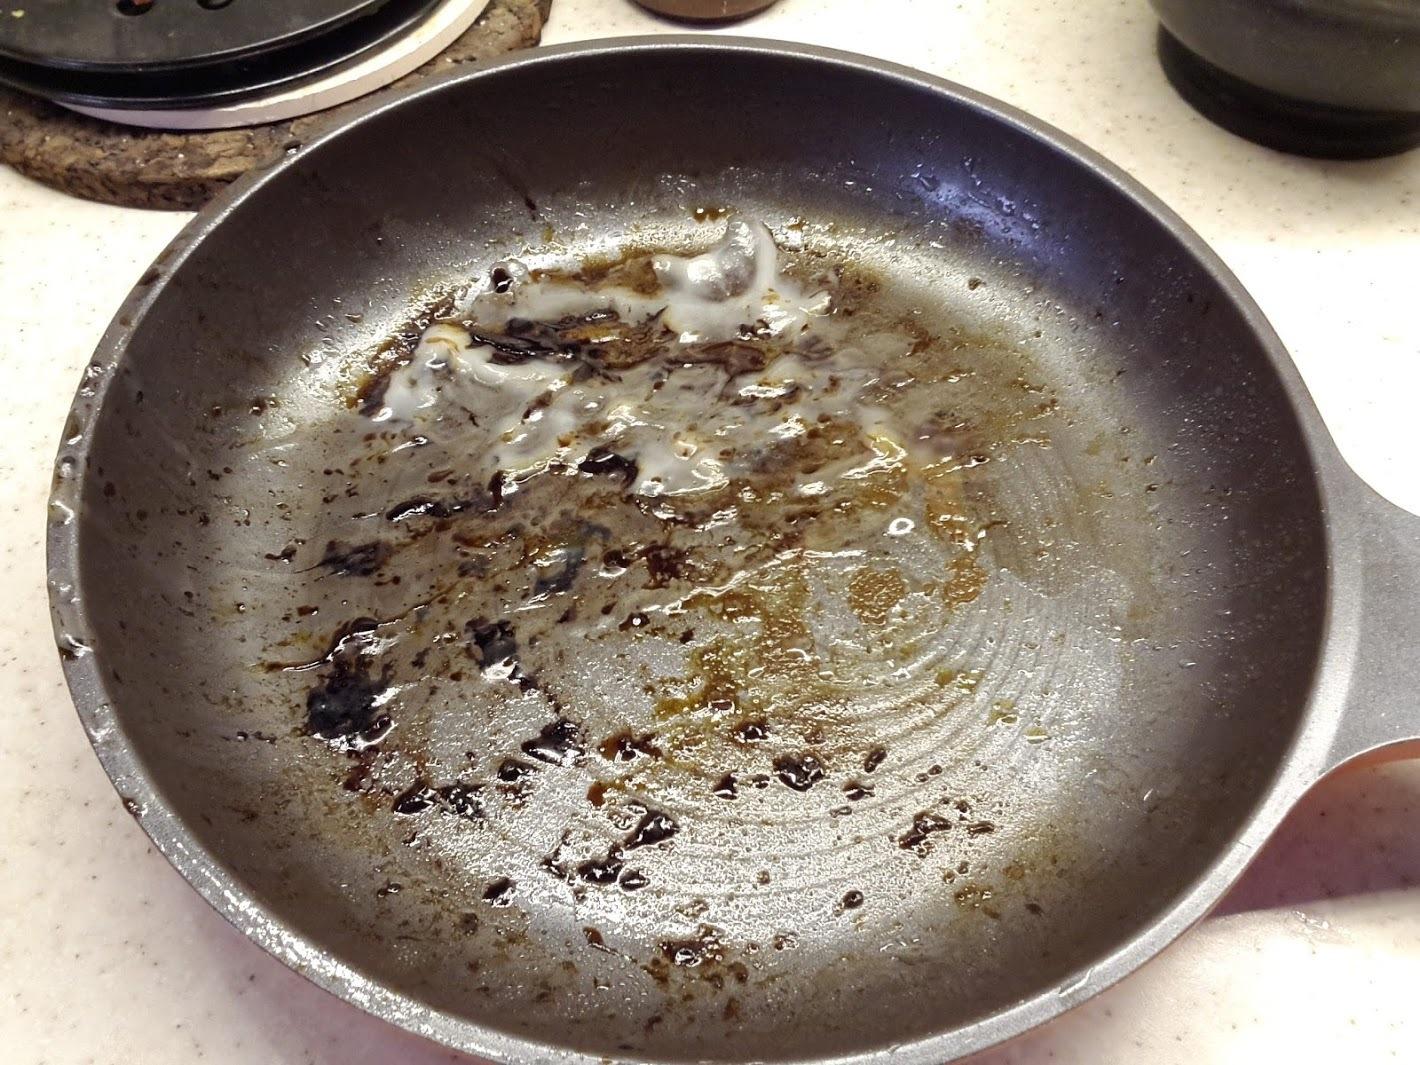 Пудра для мозга или как сделать порошок для посудомойки в 9,7 раз дешевле - 8